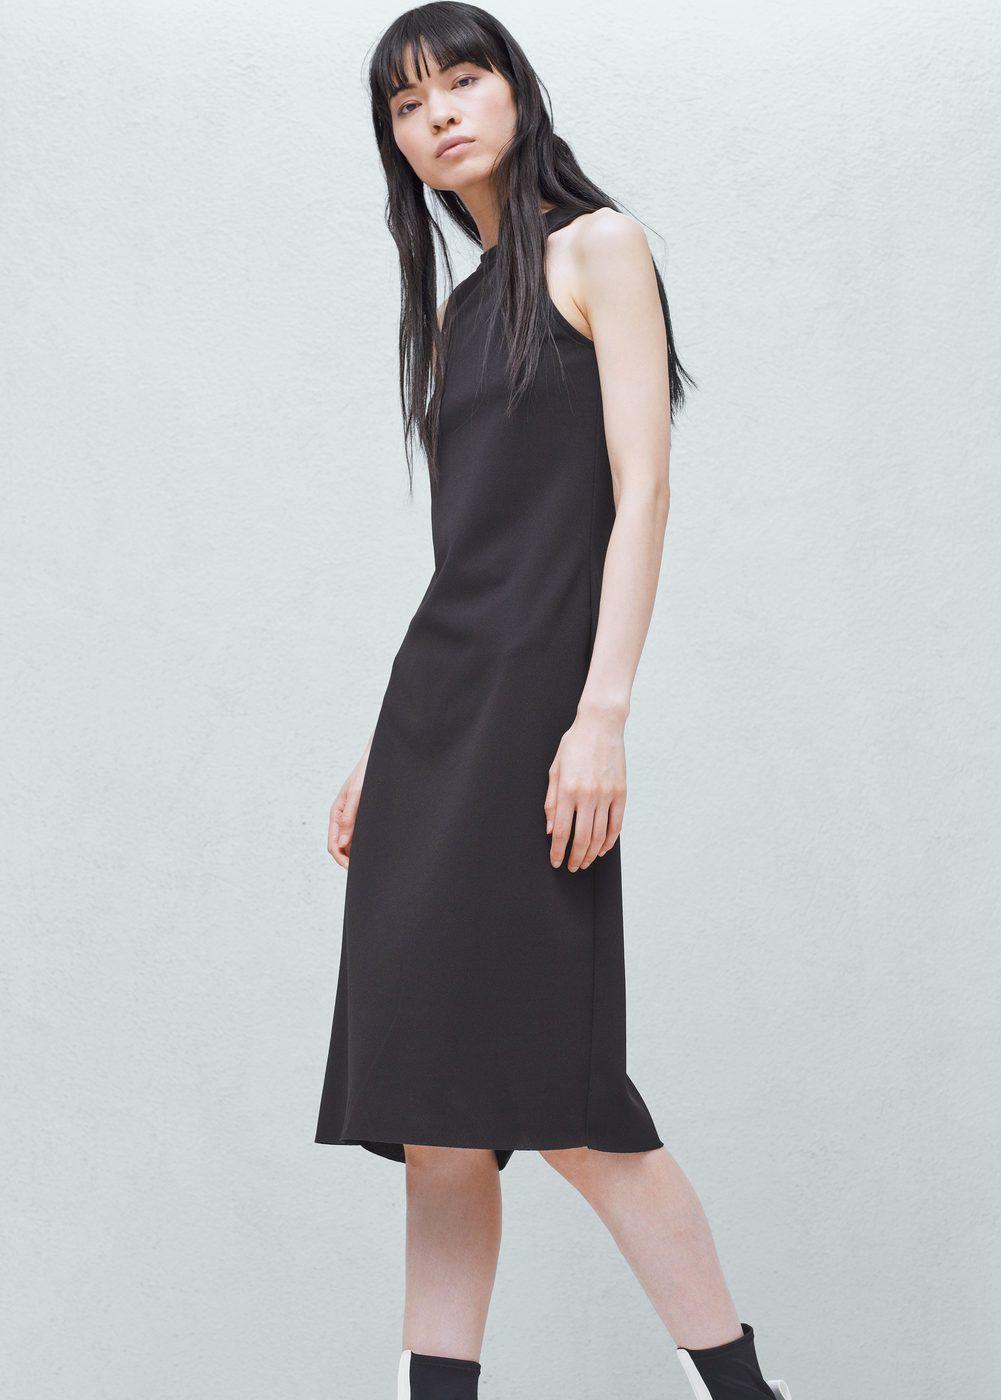 Shift dress - Women   Woman and Fashion 97abef26c8